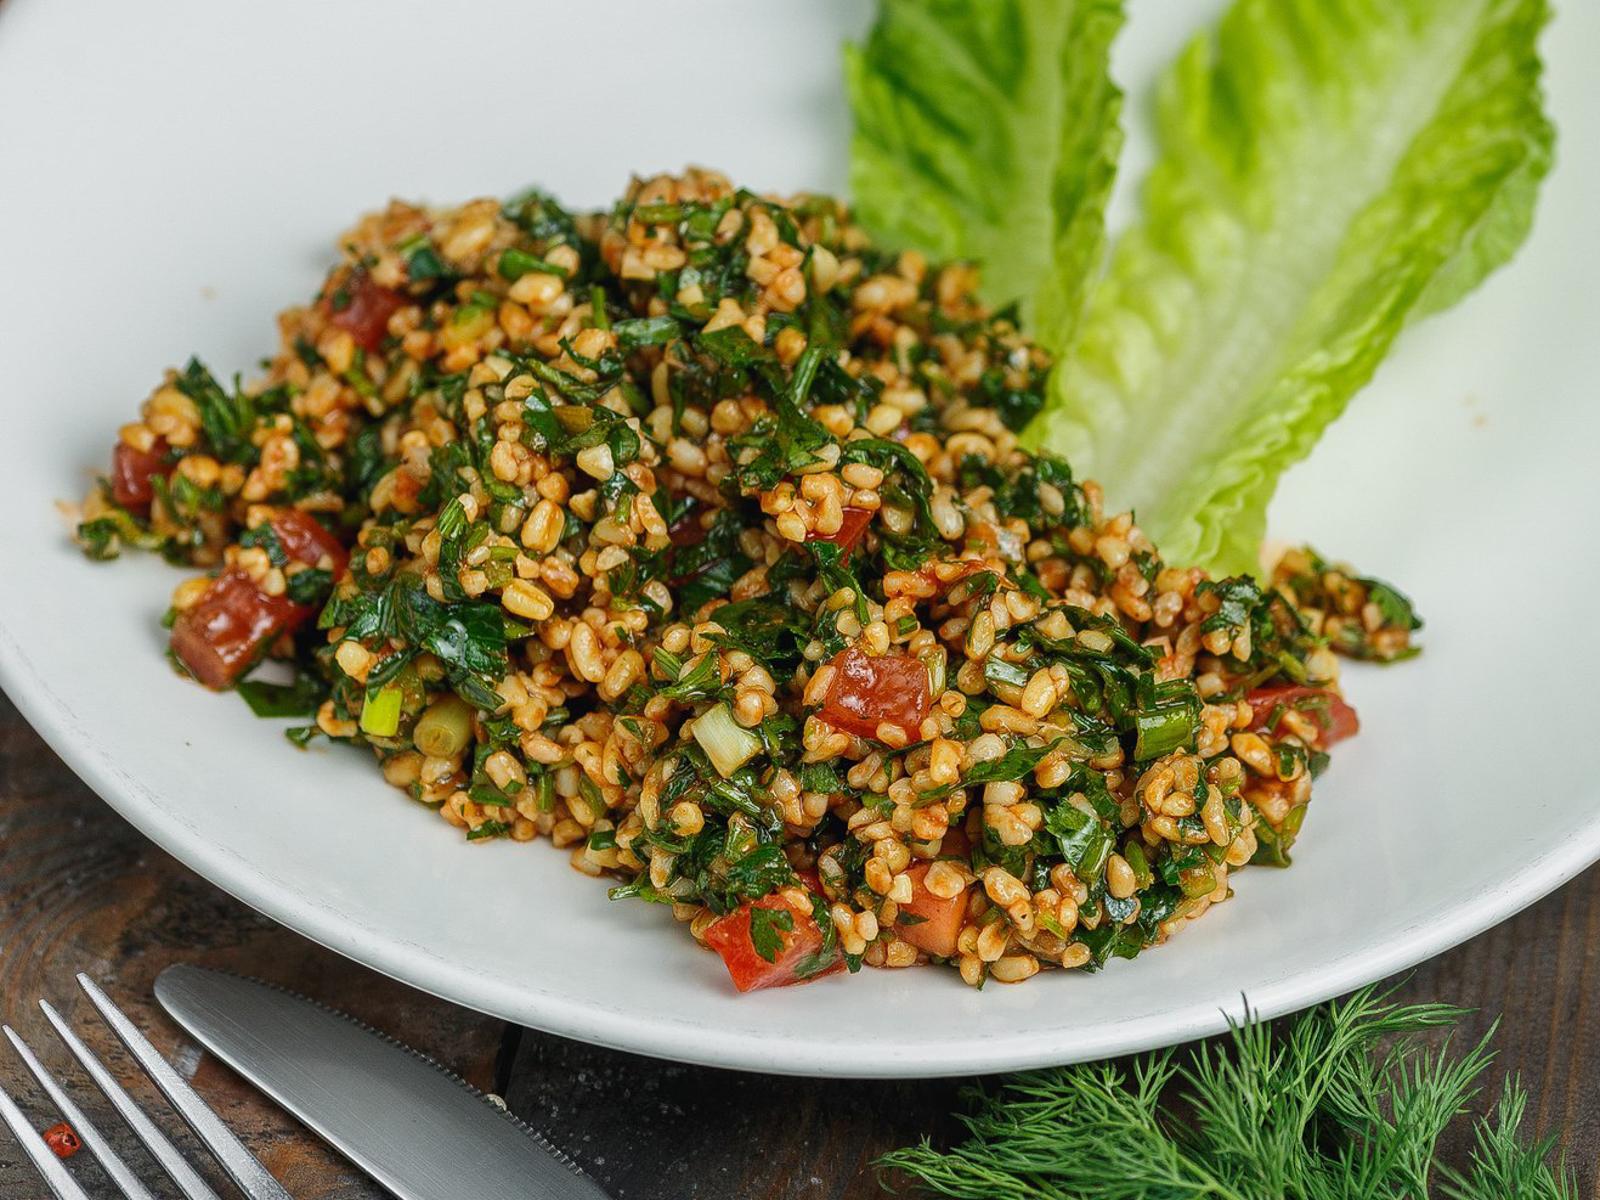 Салат с восточной крупой, томатами и кинзой